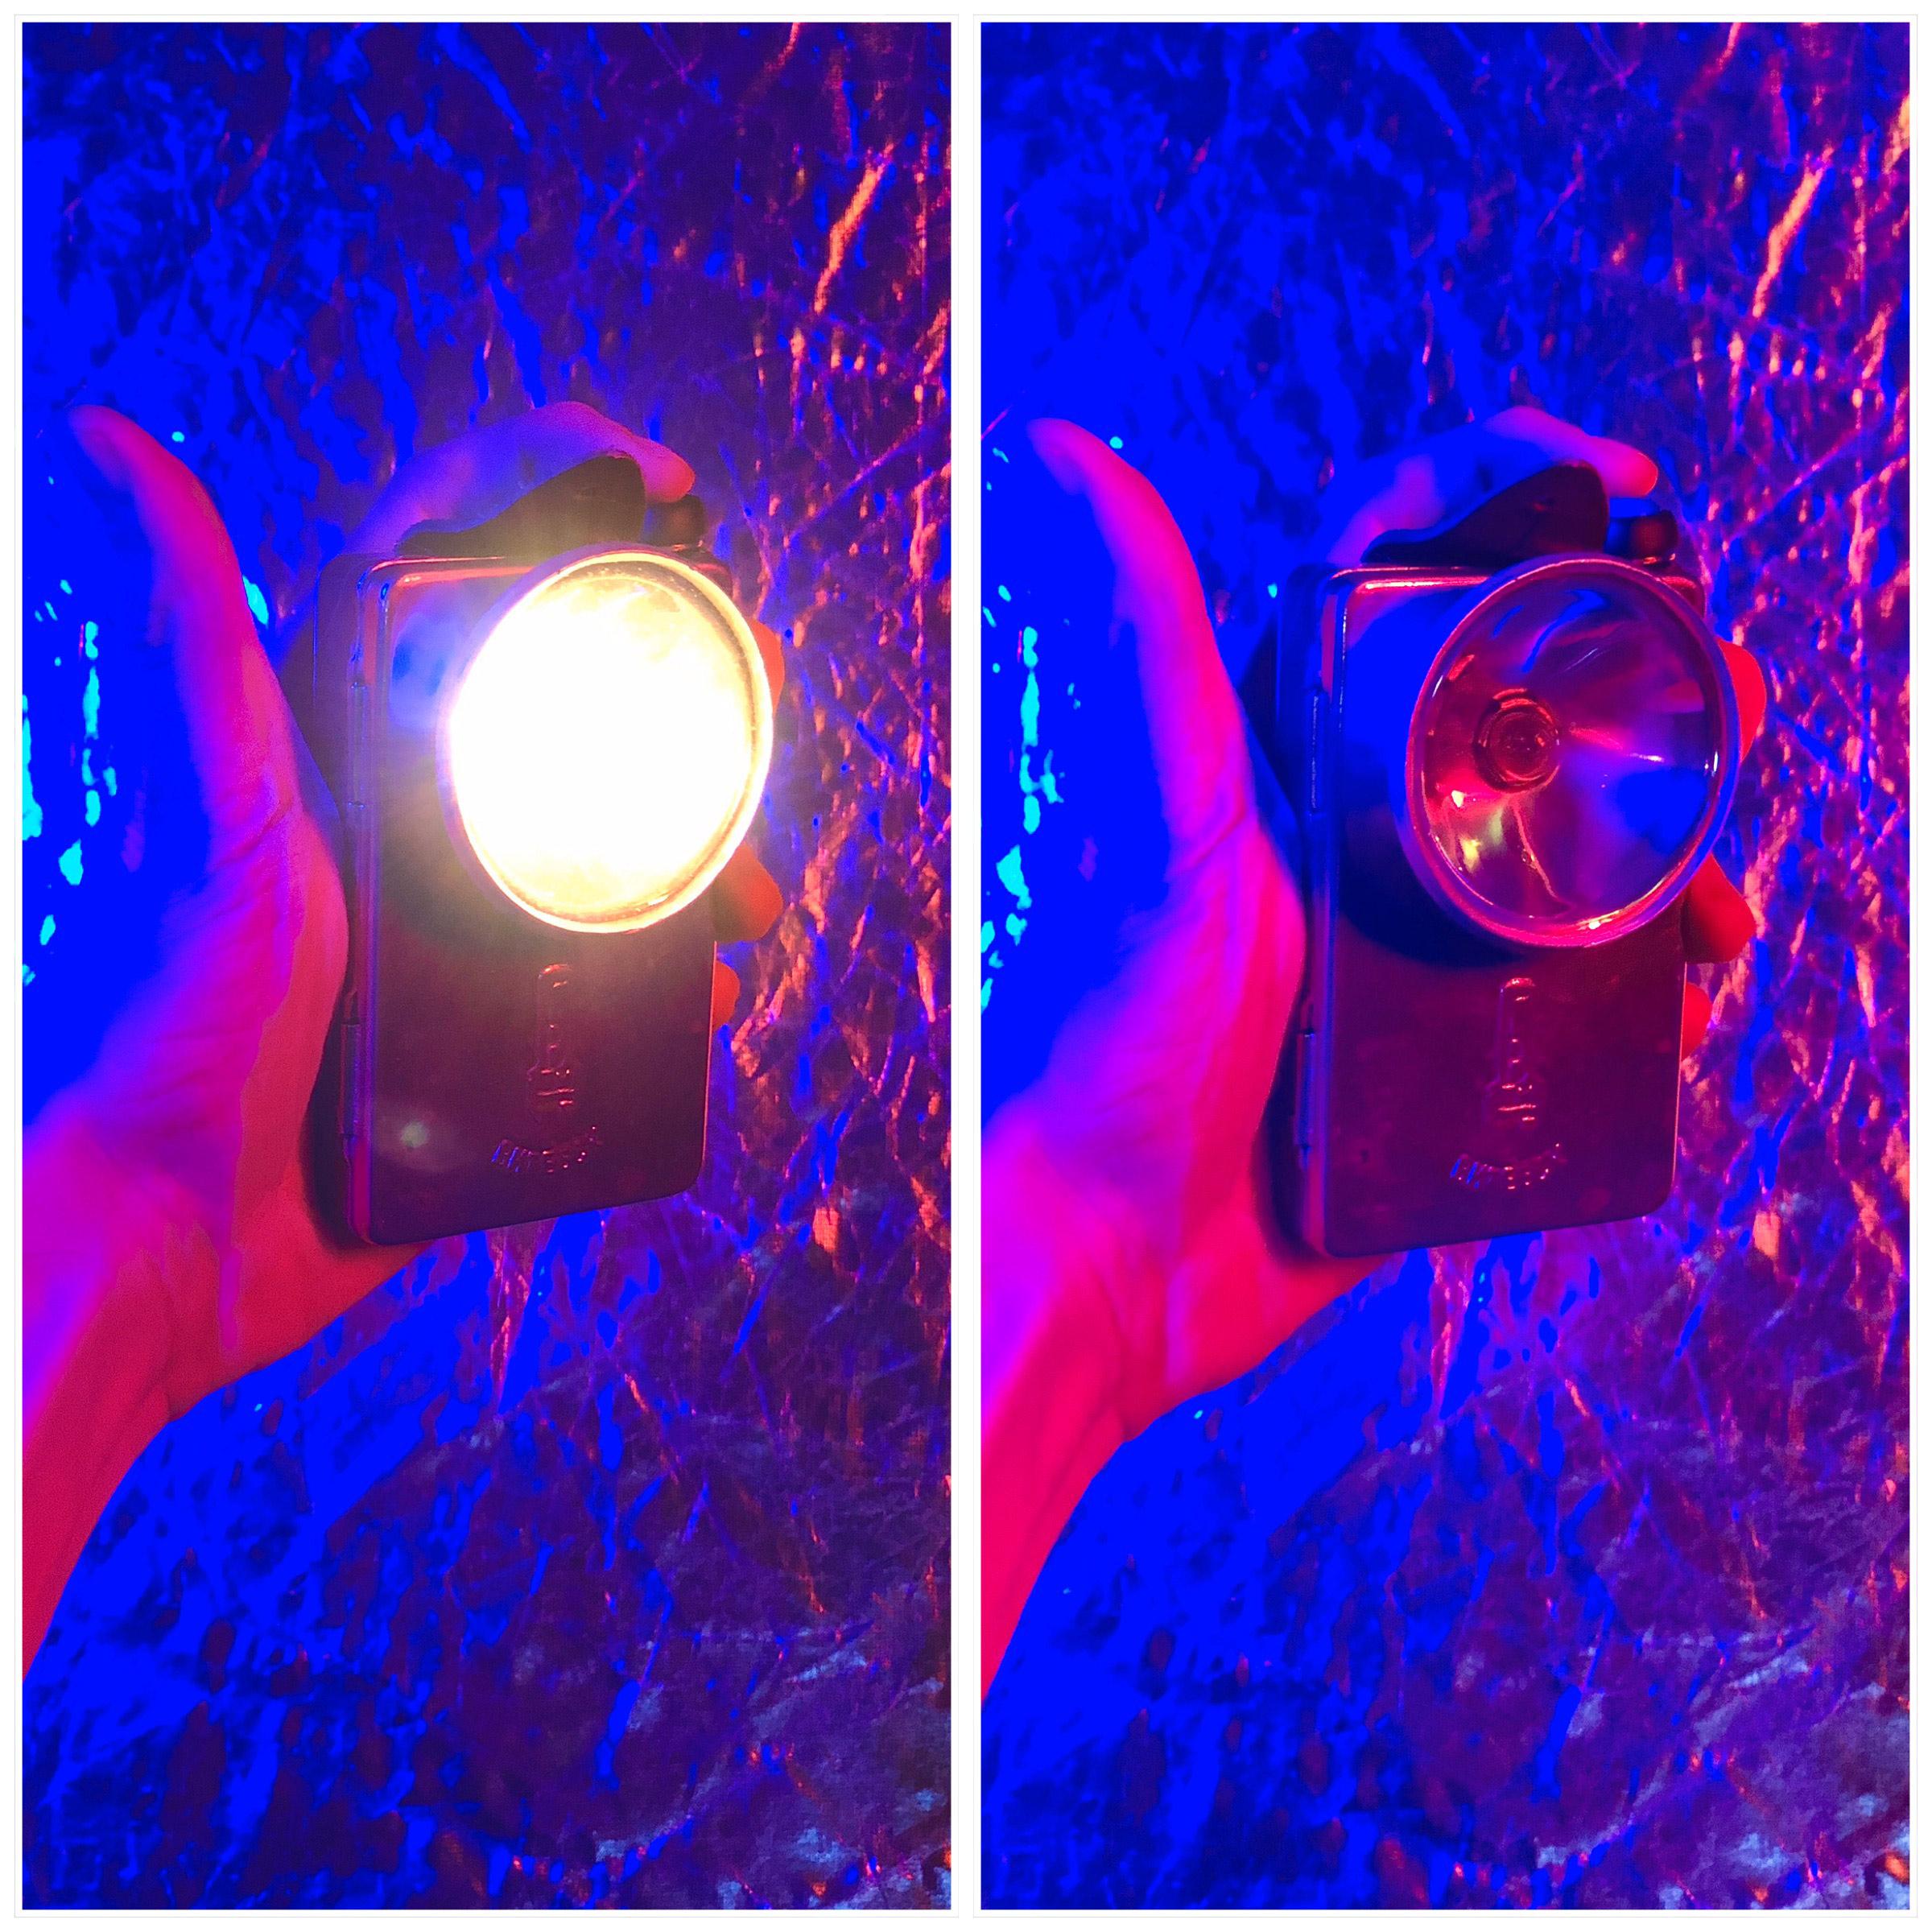 Ламповый фонарик для рисования светом - Витебск